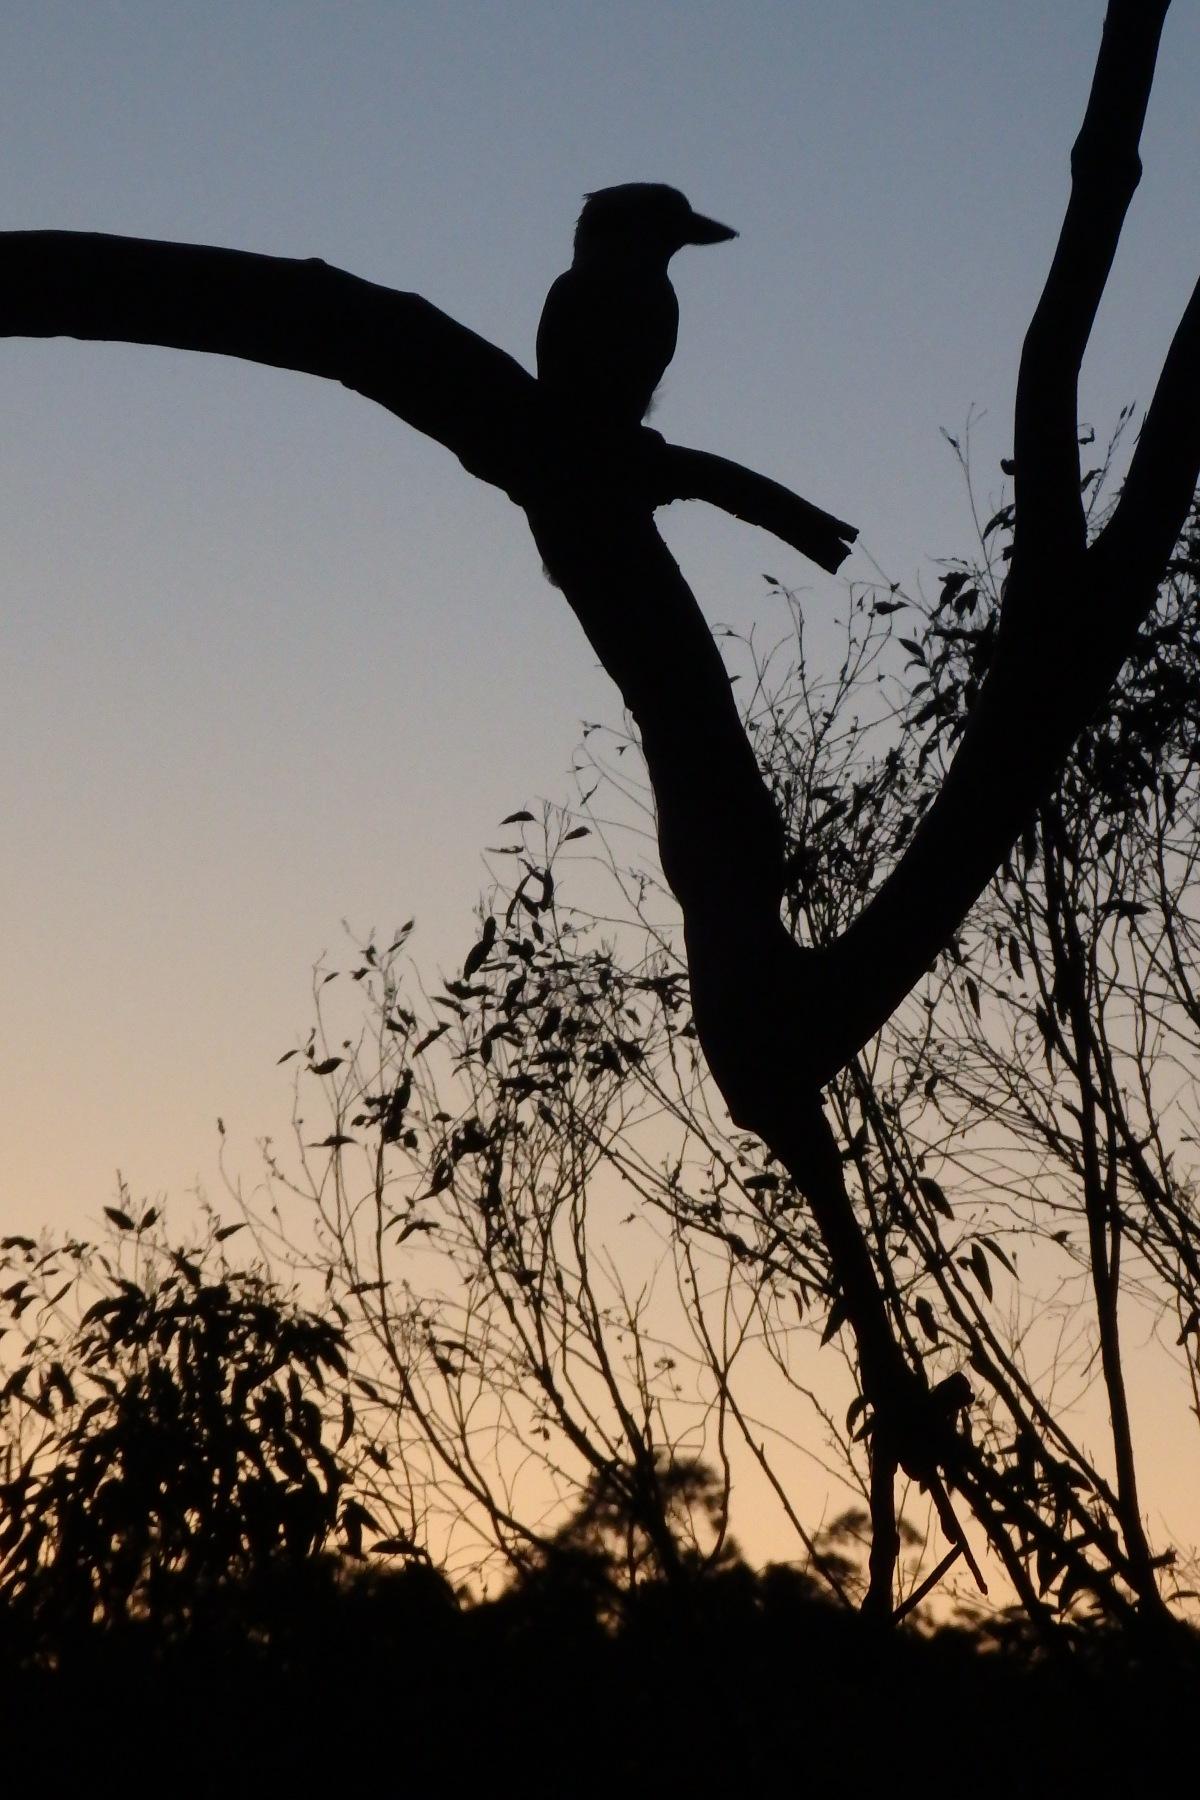 kookaburra at sunset